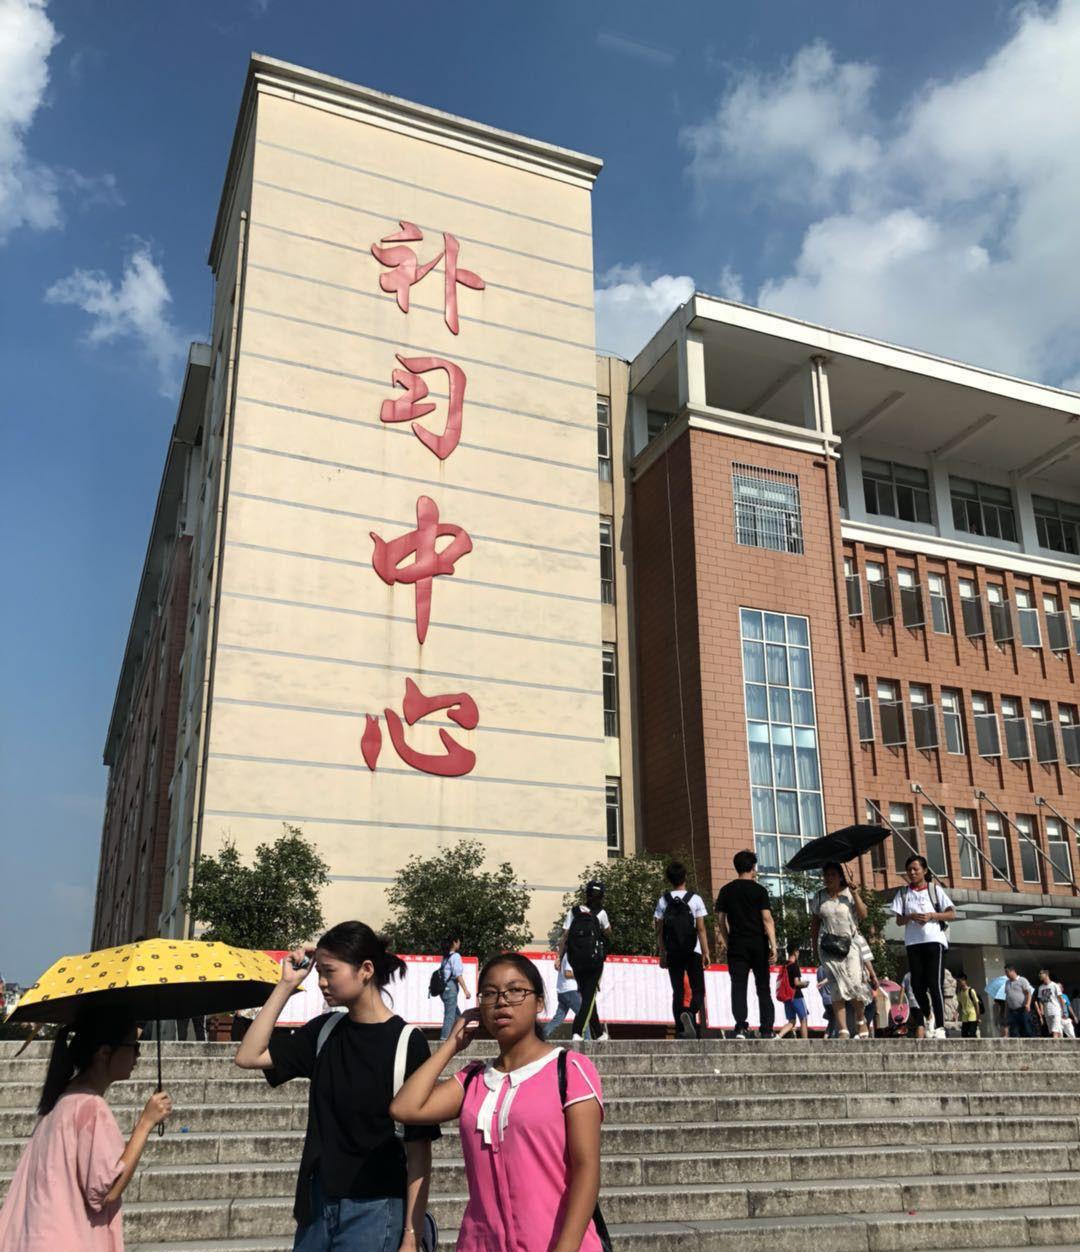 毛坦厂中学发布《新生指南》,租房学生须家长陪读,房东收入丰厚